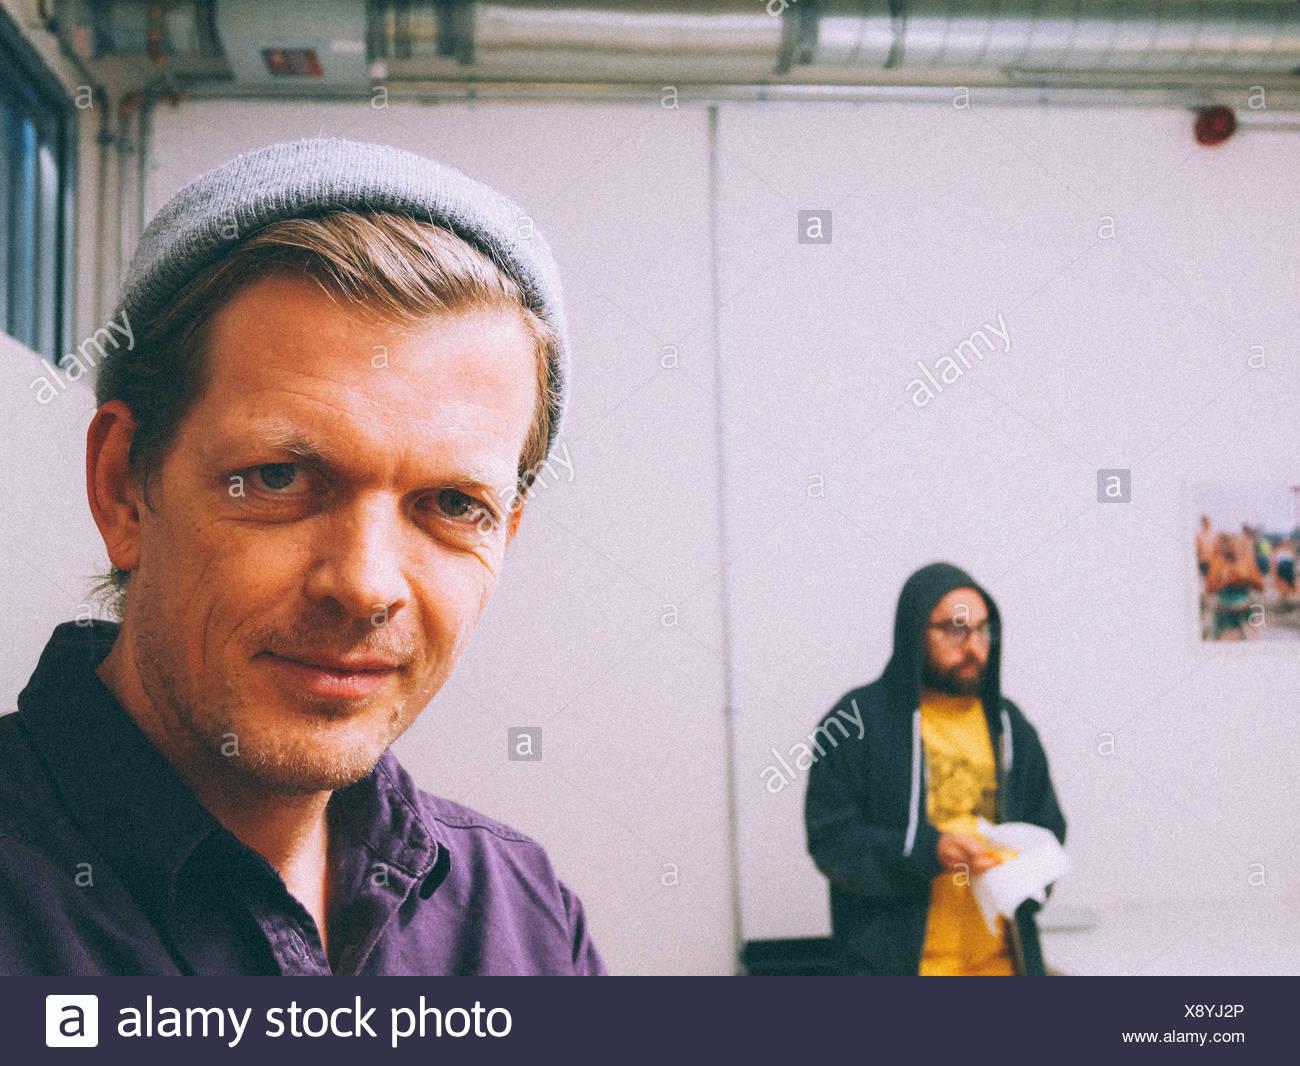 Ritratto di fiducioso imprenditore con il collega in background Immagini Stock